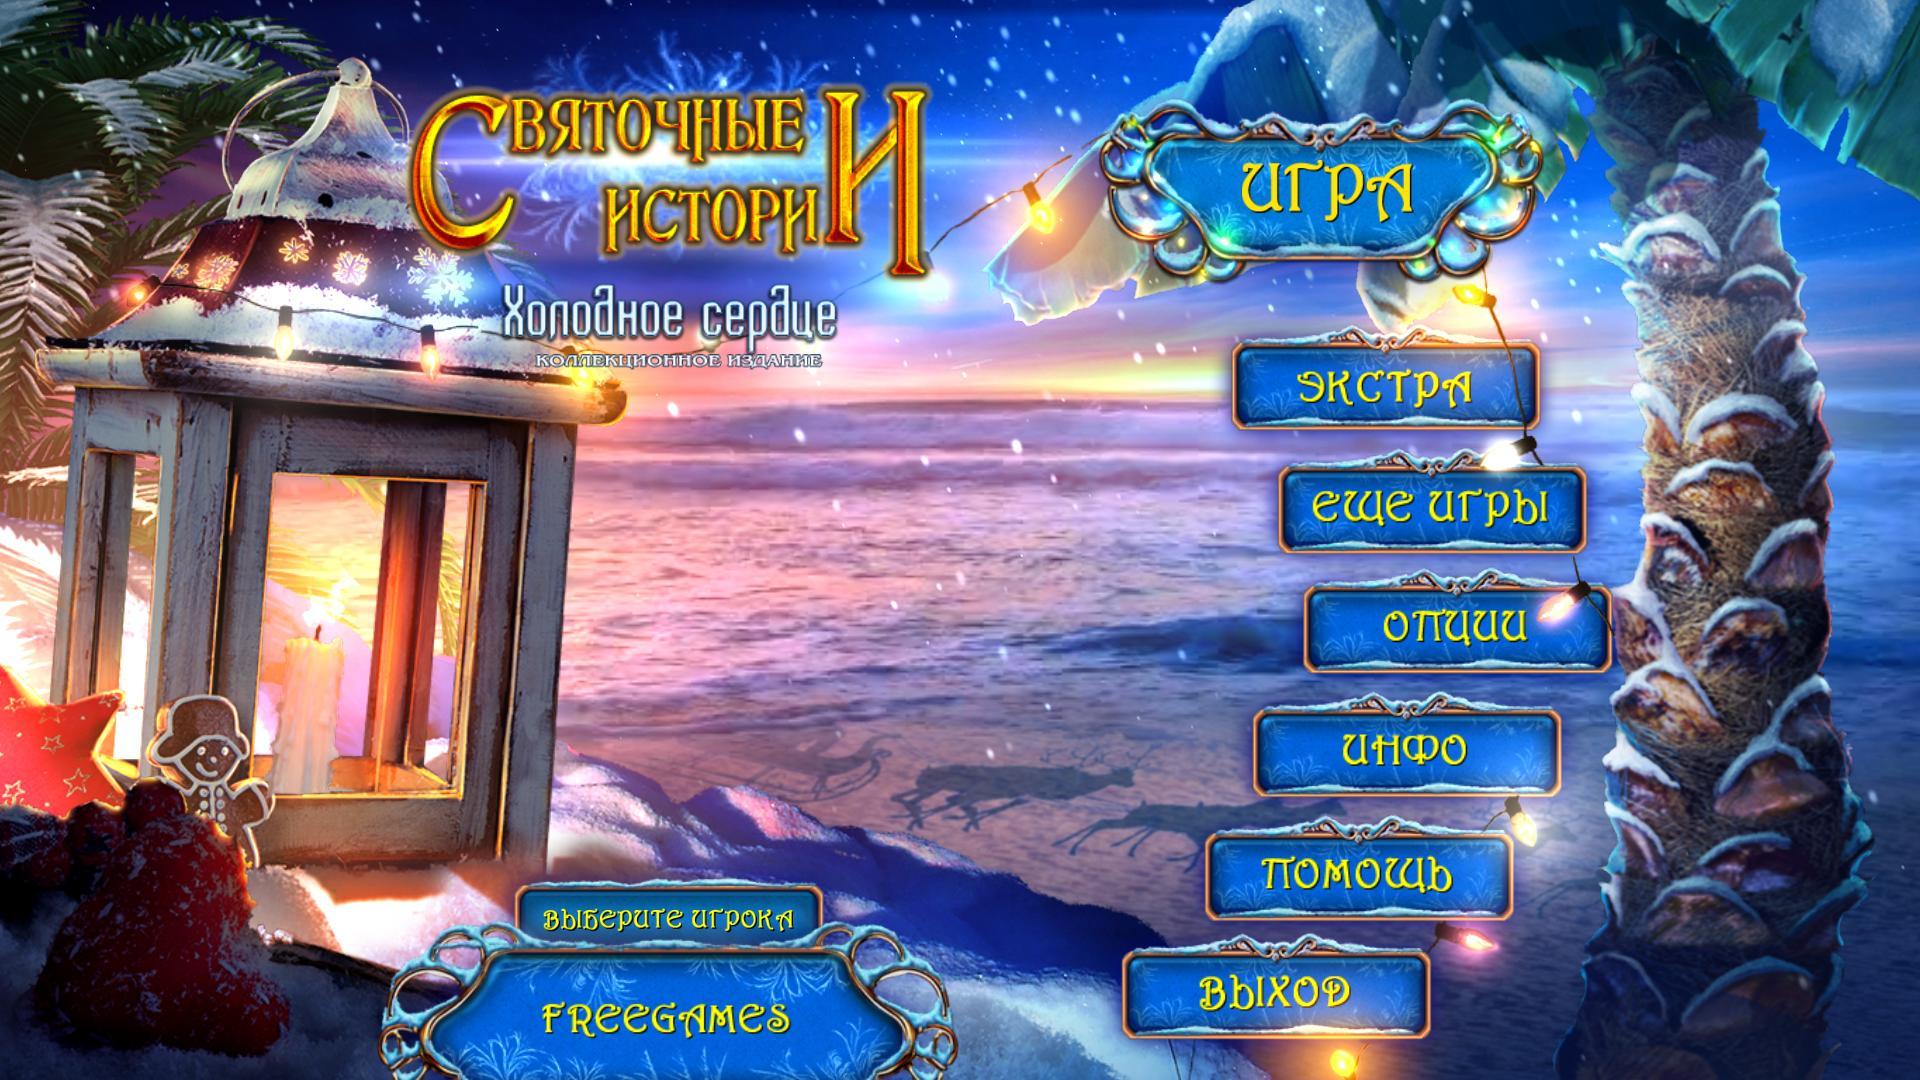 Святочные истории 2: Холодное сердце. Коллекционное издание | Yuletide Legends 2: Frozen Hearts CE (Rus)